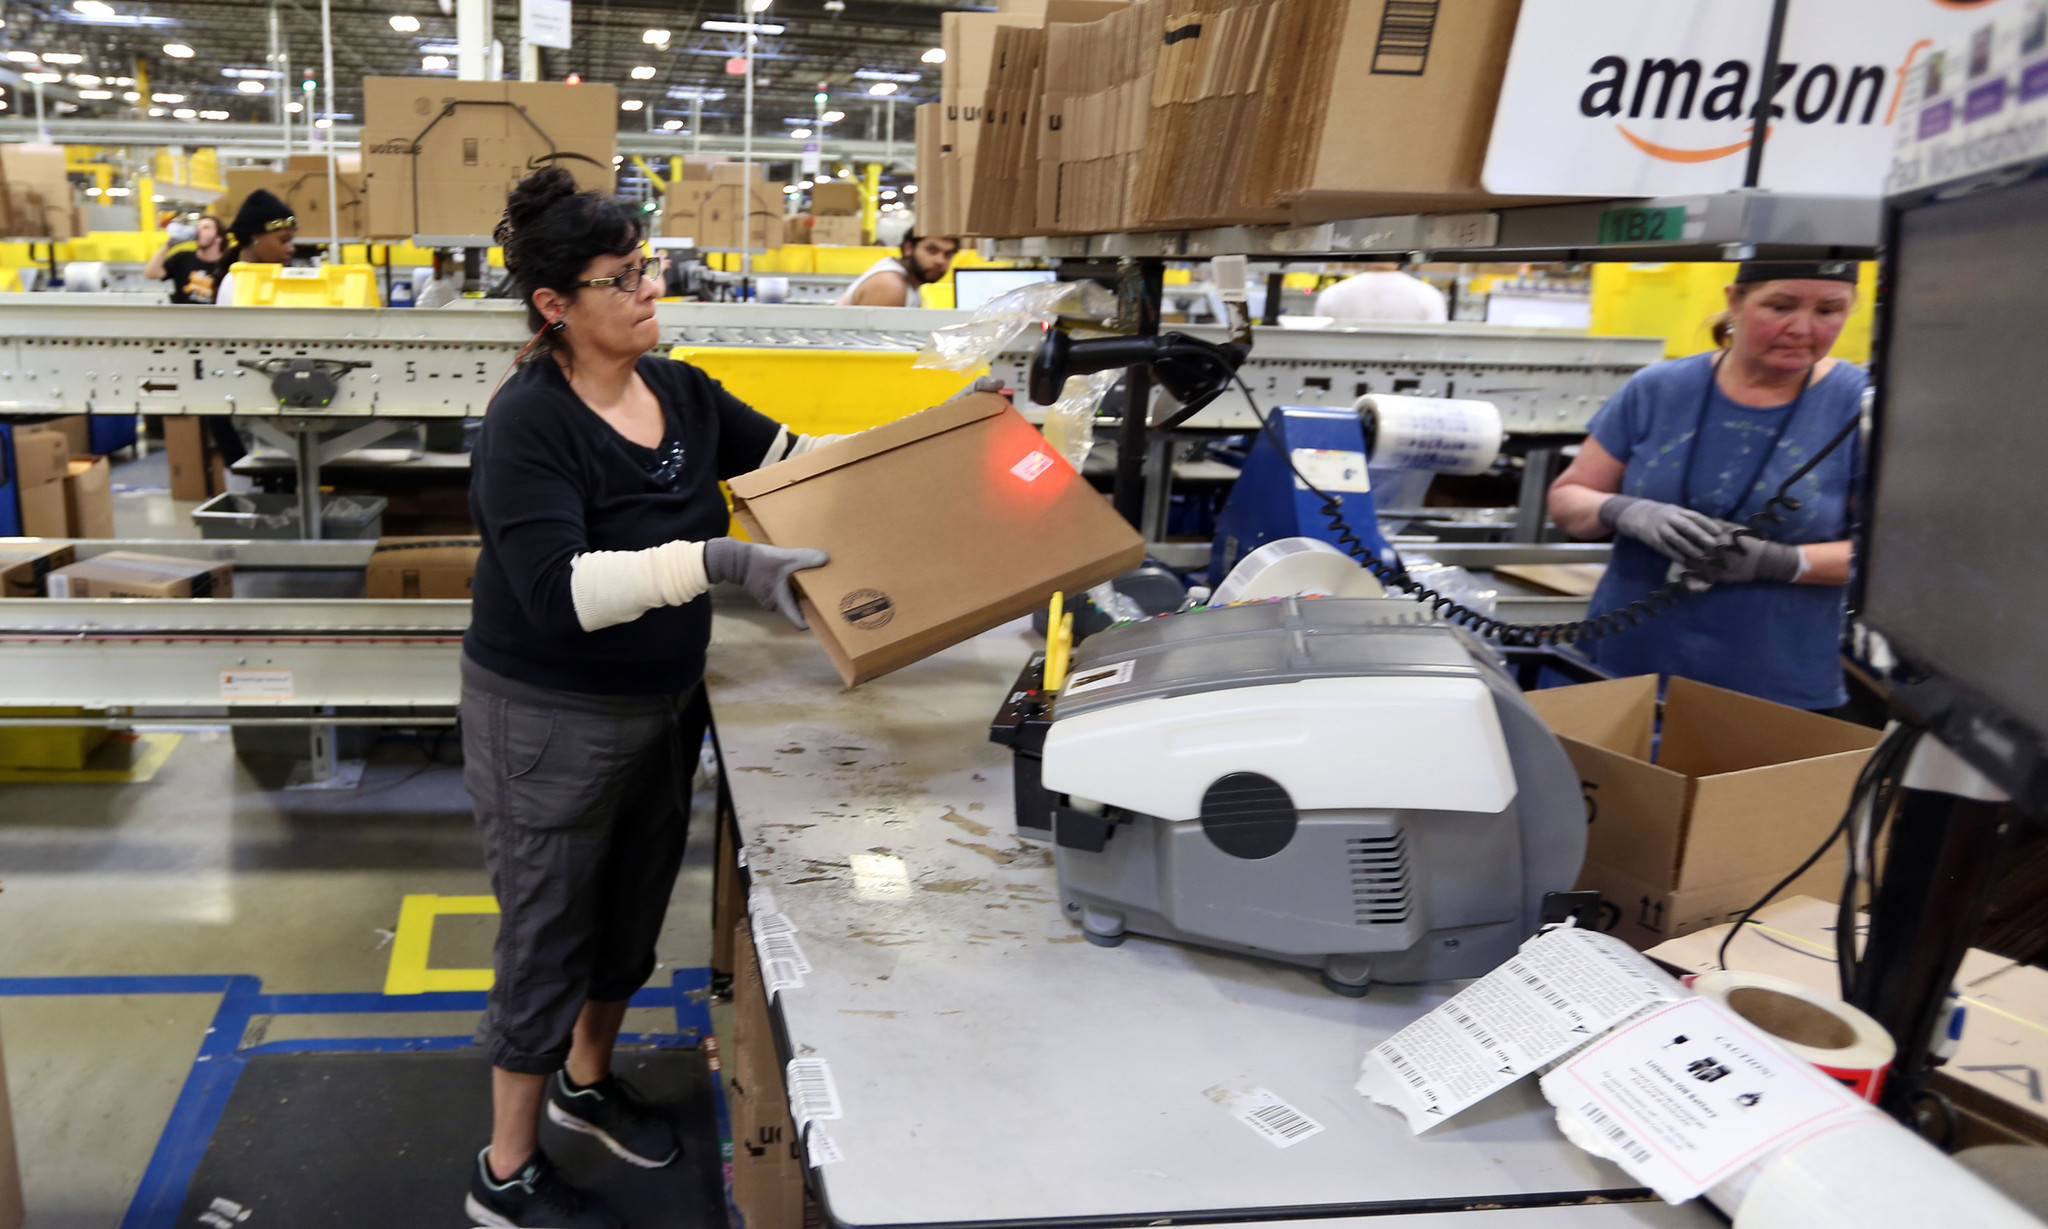 298 Amazon jobs in Edwardsville, Illinois, United States